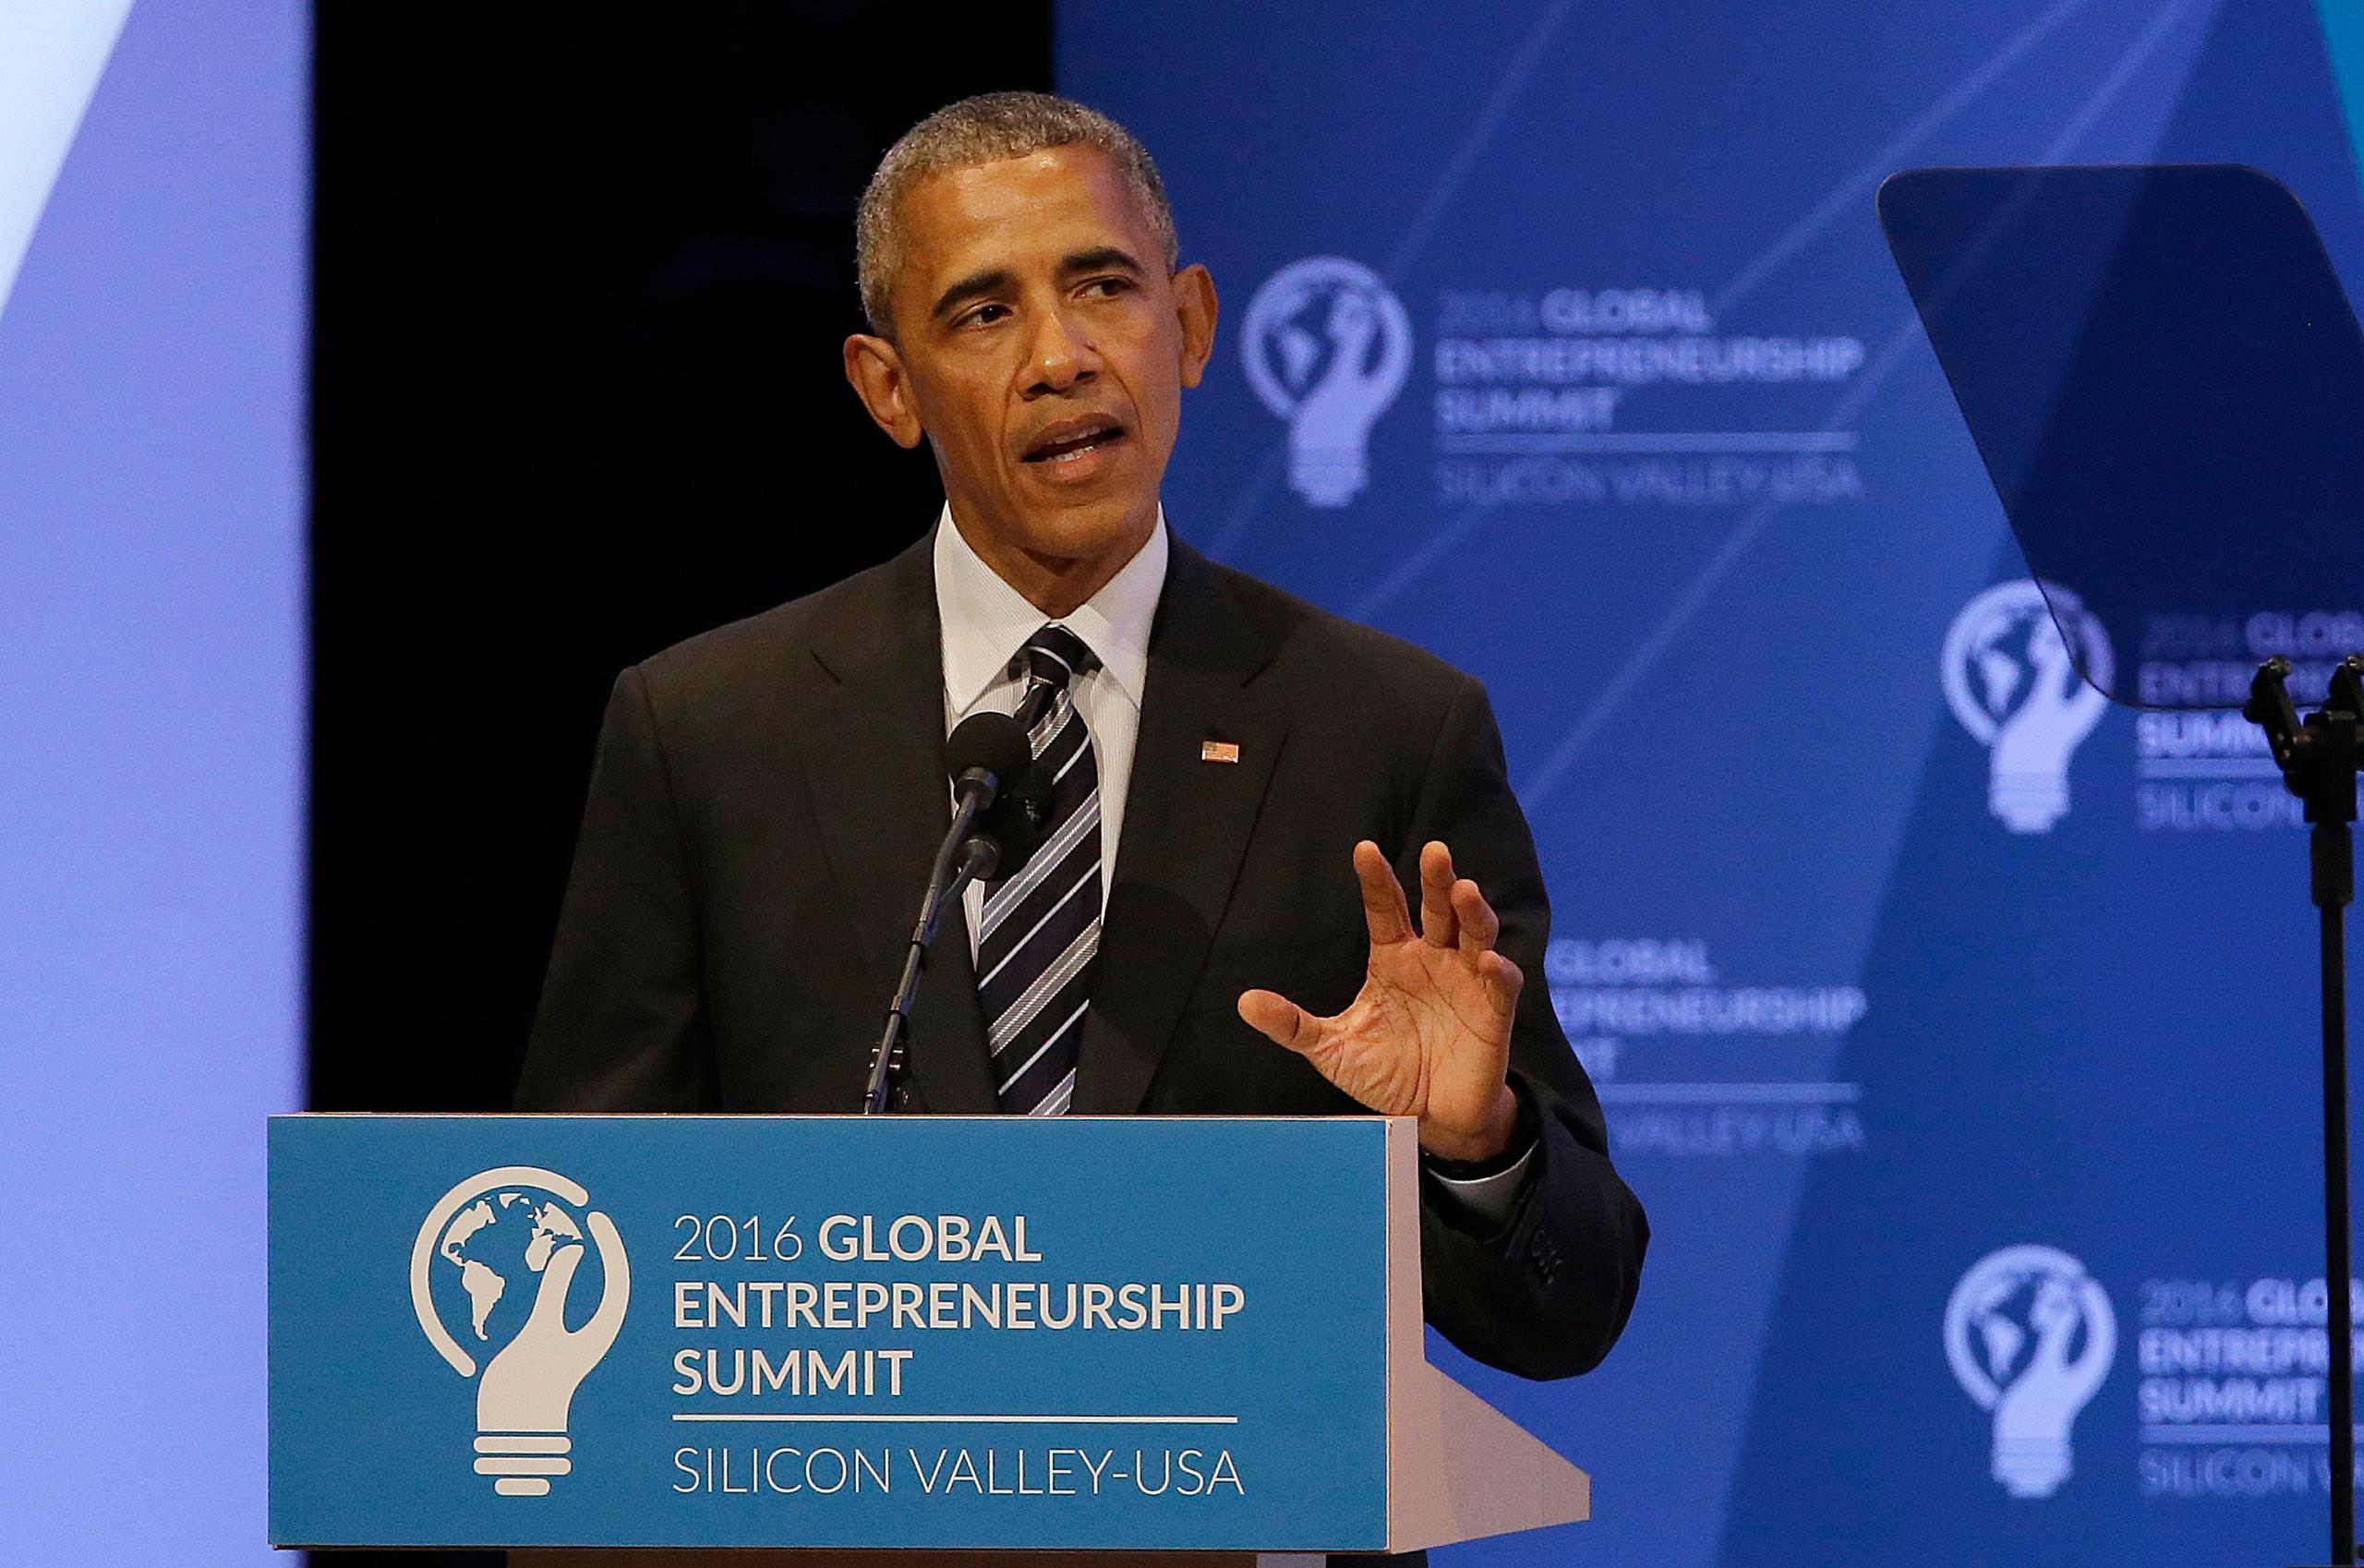 President Barack Obama speaks at the Global Entrepreneurship Summit in Stanford, Calif., on June 24, 2016.